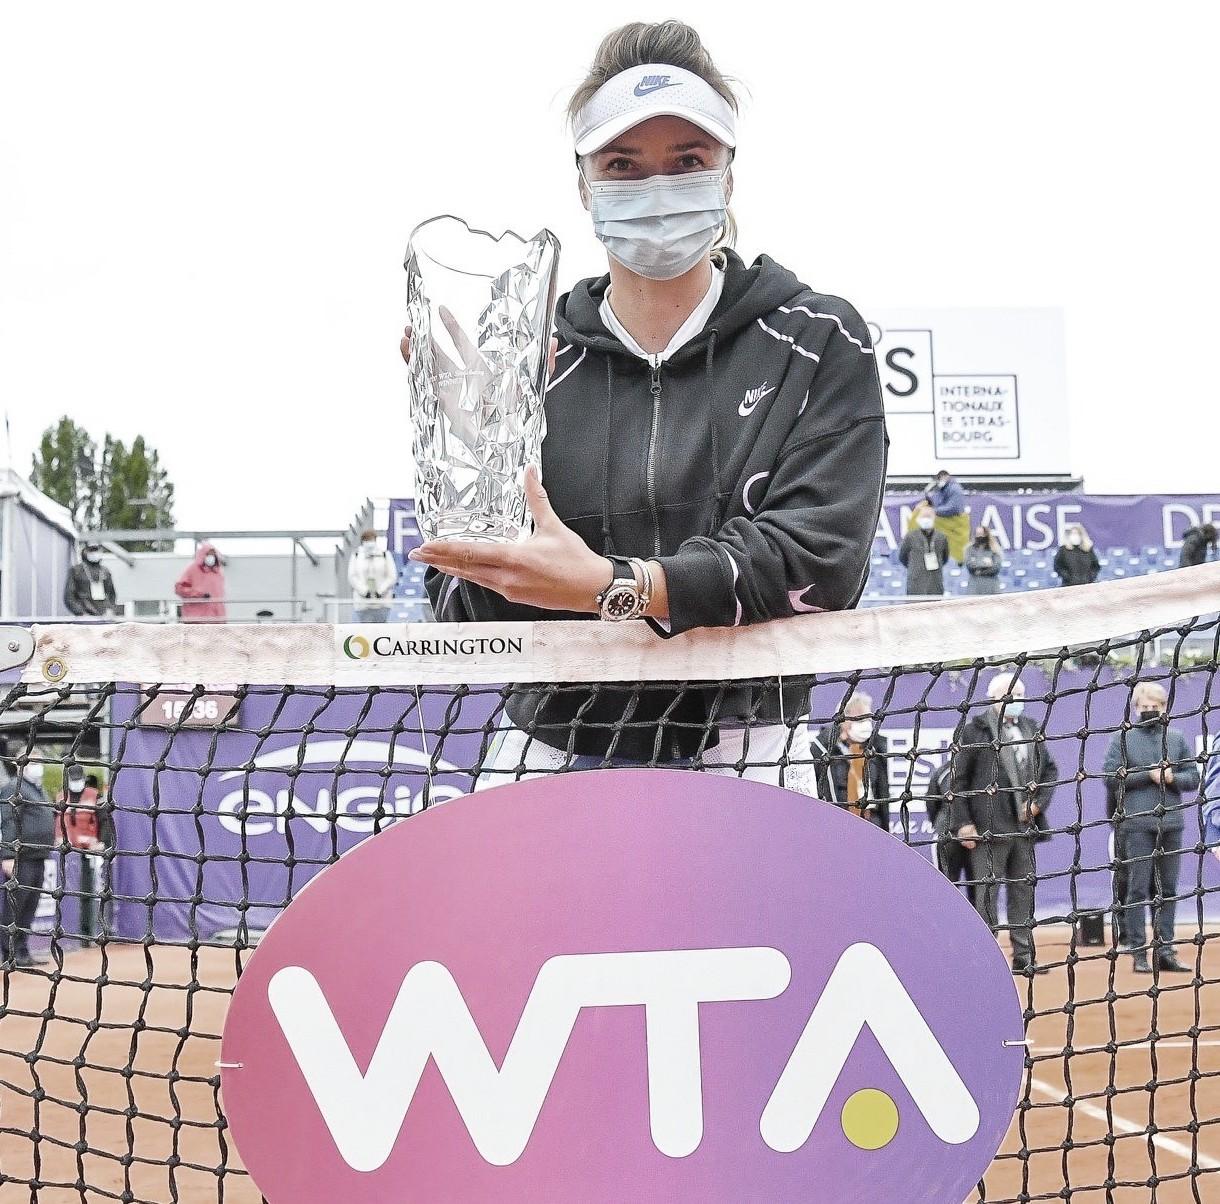 Svitolina alza su título15en Estrasburgo